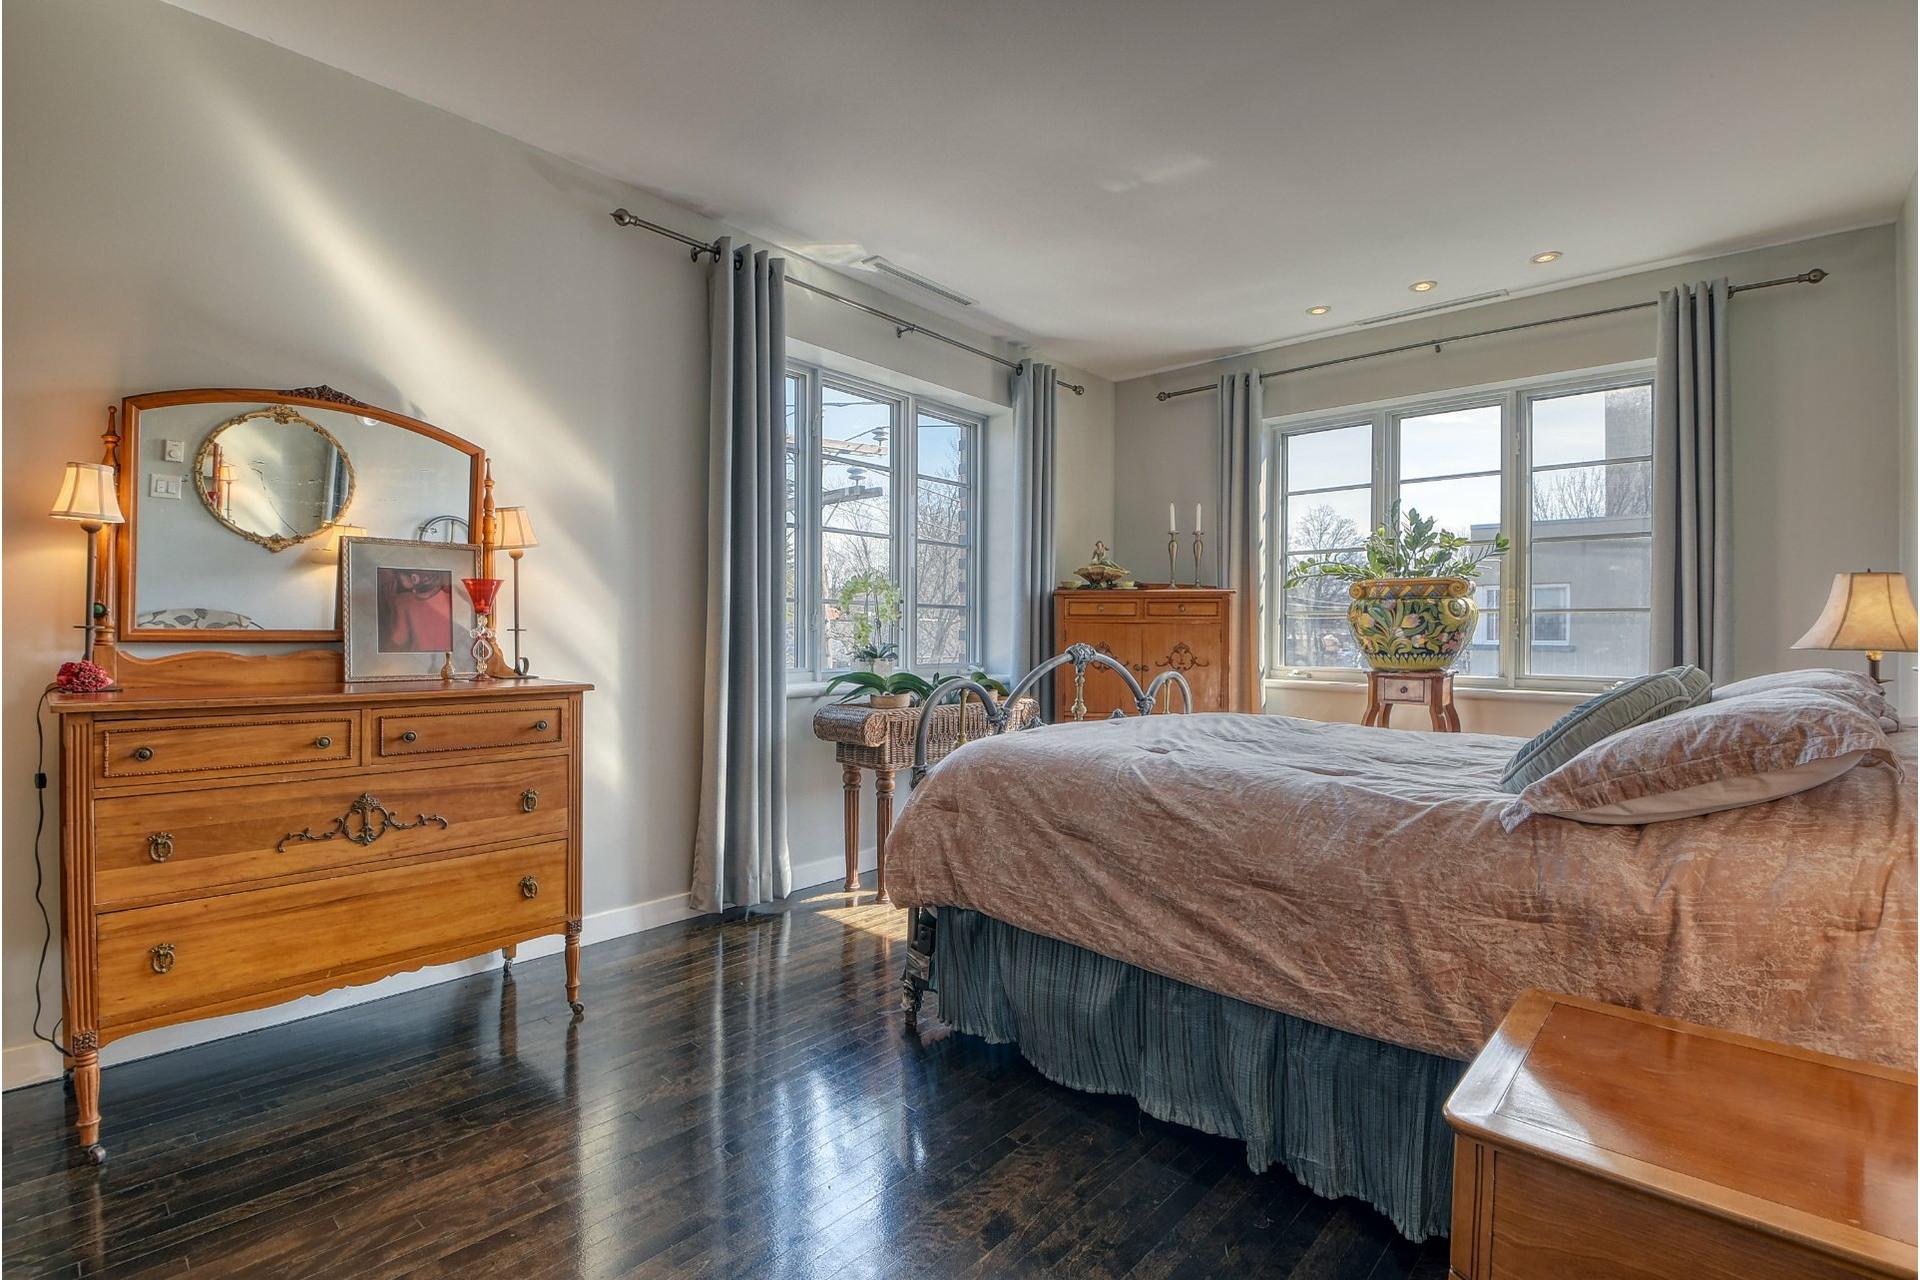 image 3 - Appartement À vendre Côte-Saint-Luc - 5 pièces